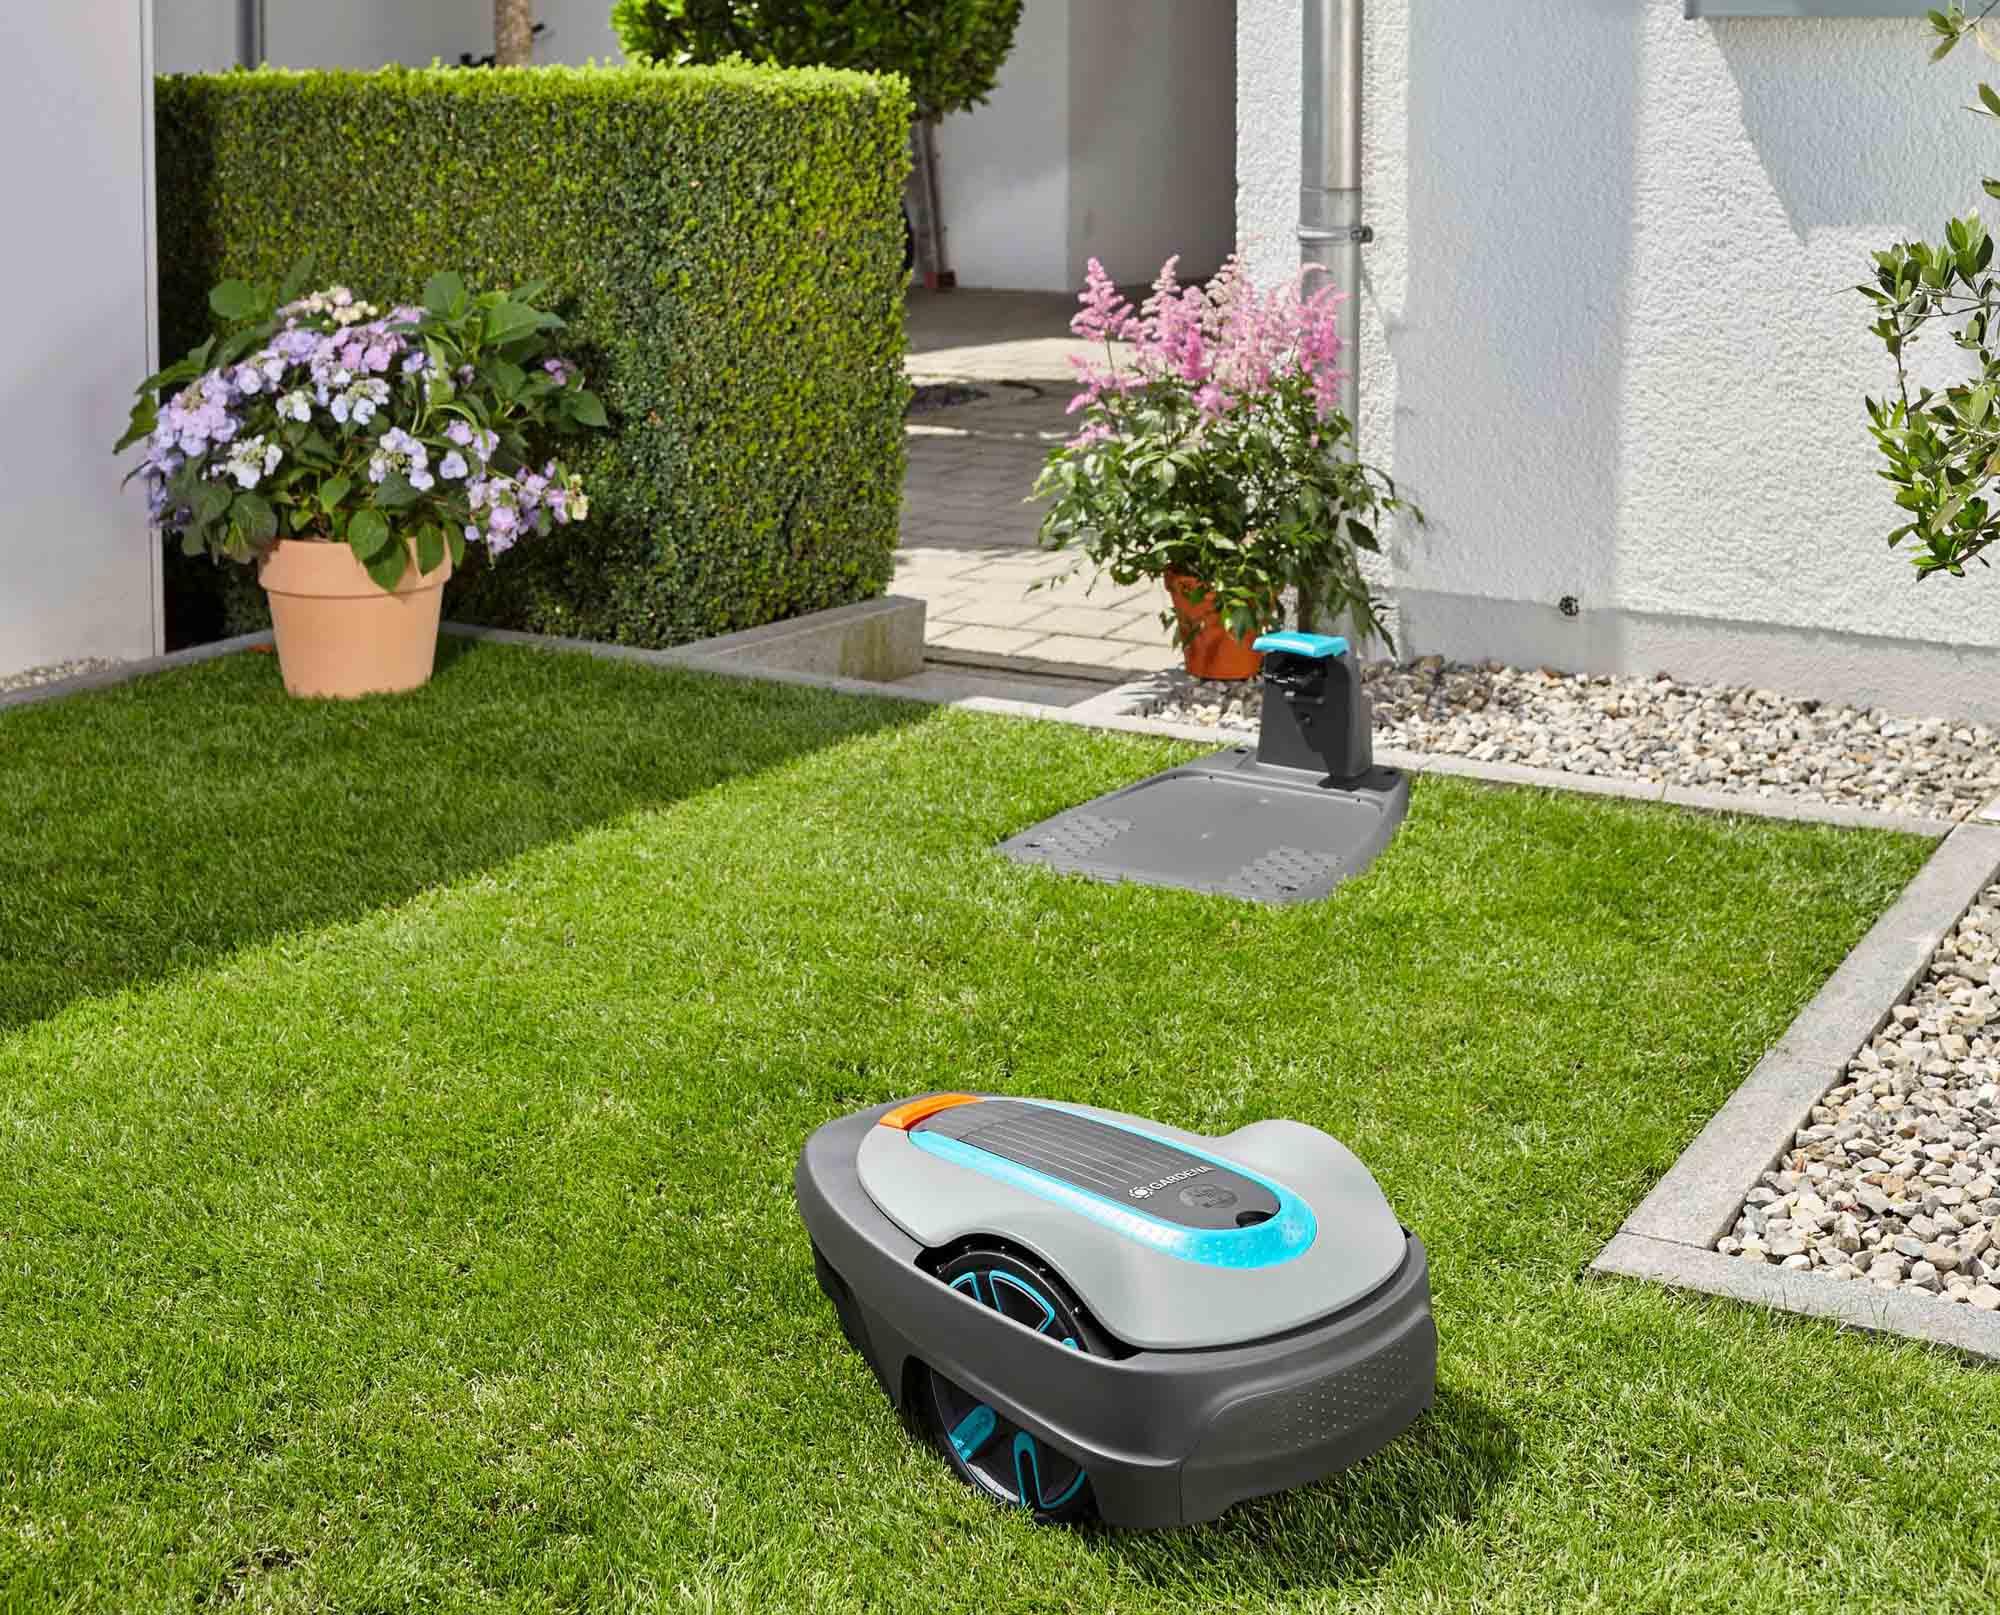 Robotplæneklipper er for dig som ikke ønsker at slå græs